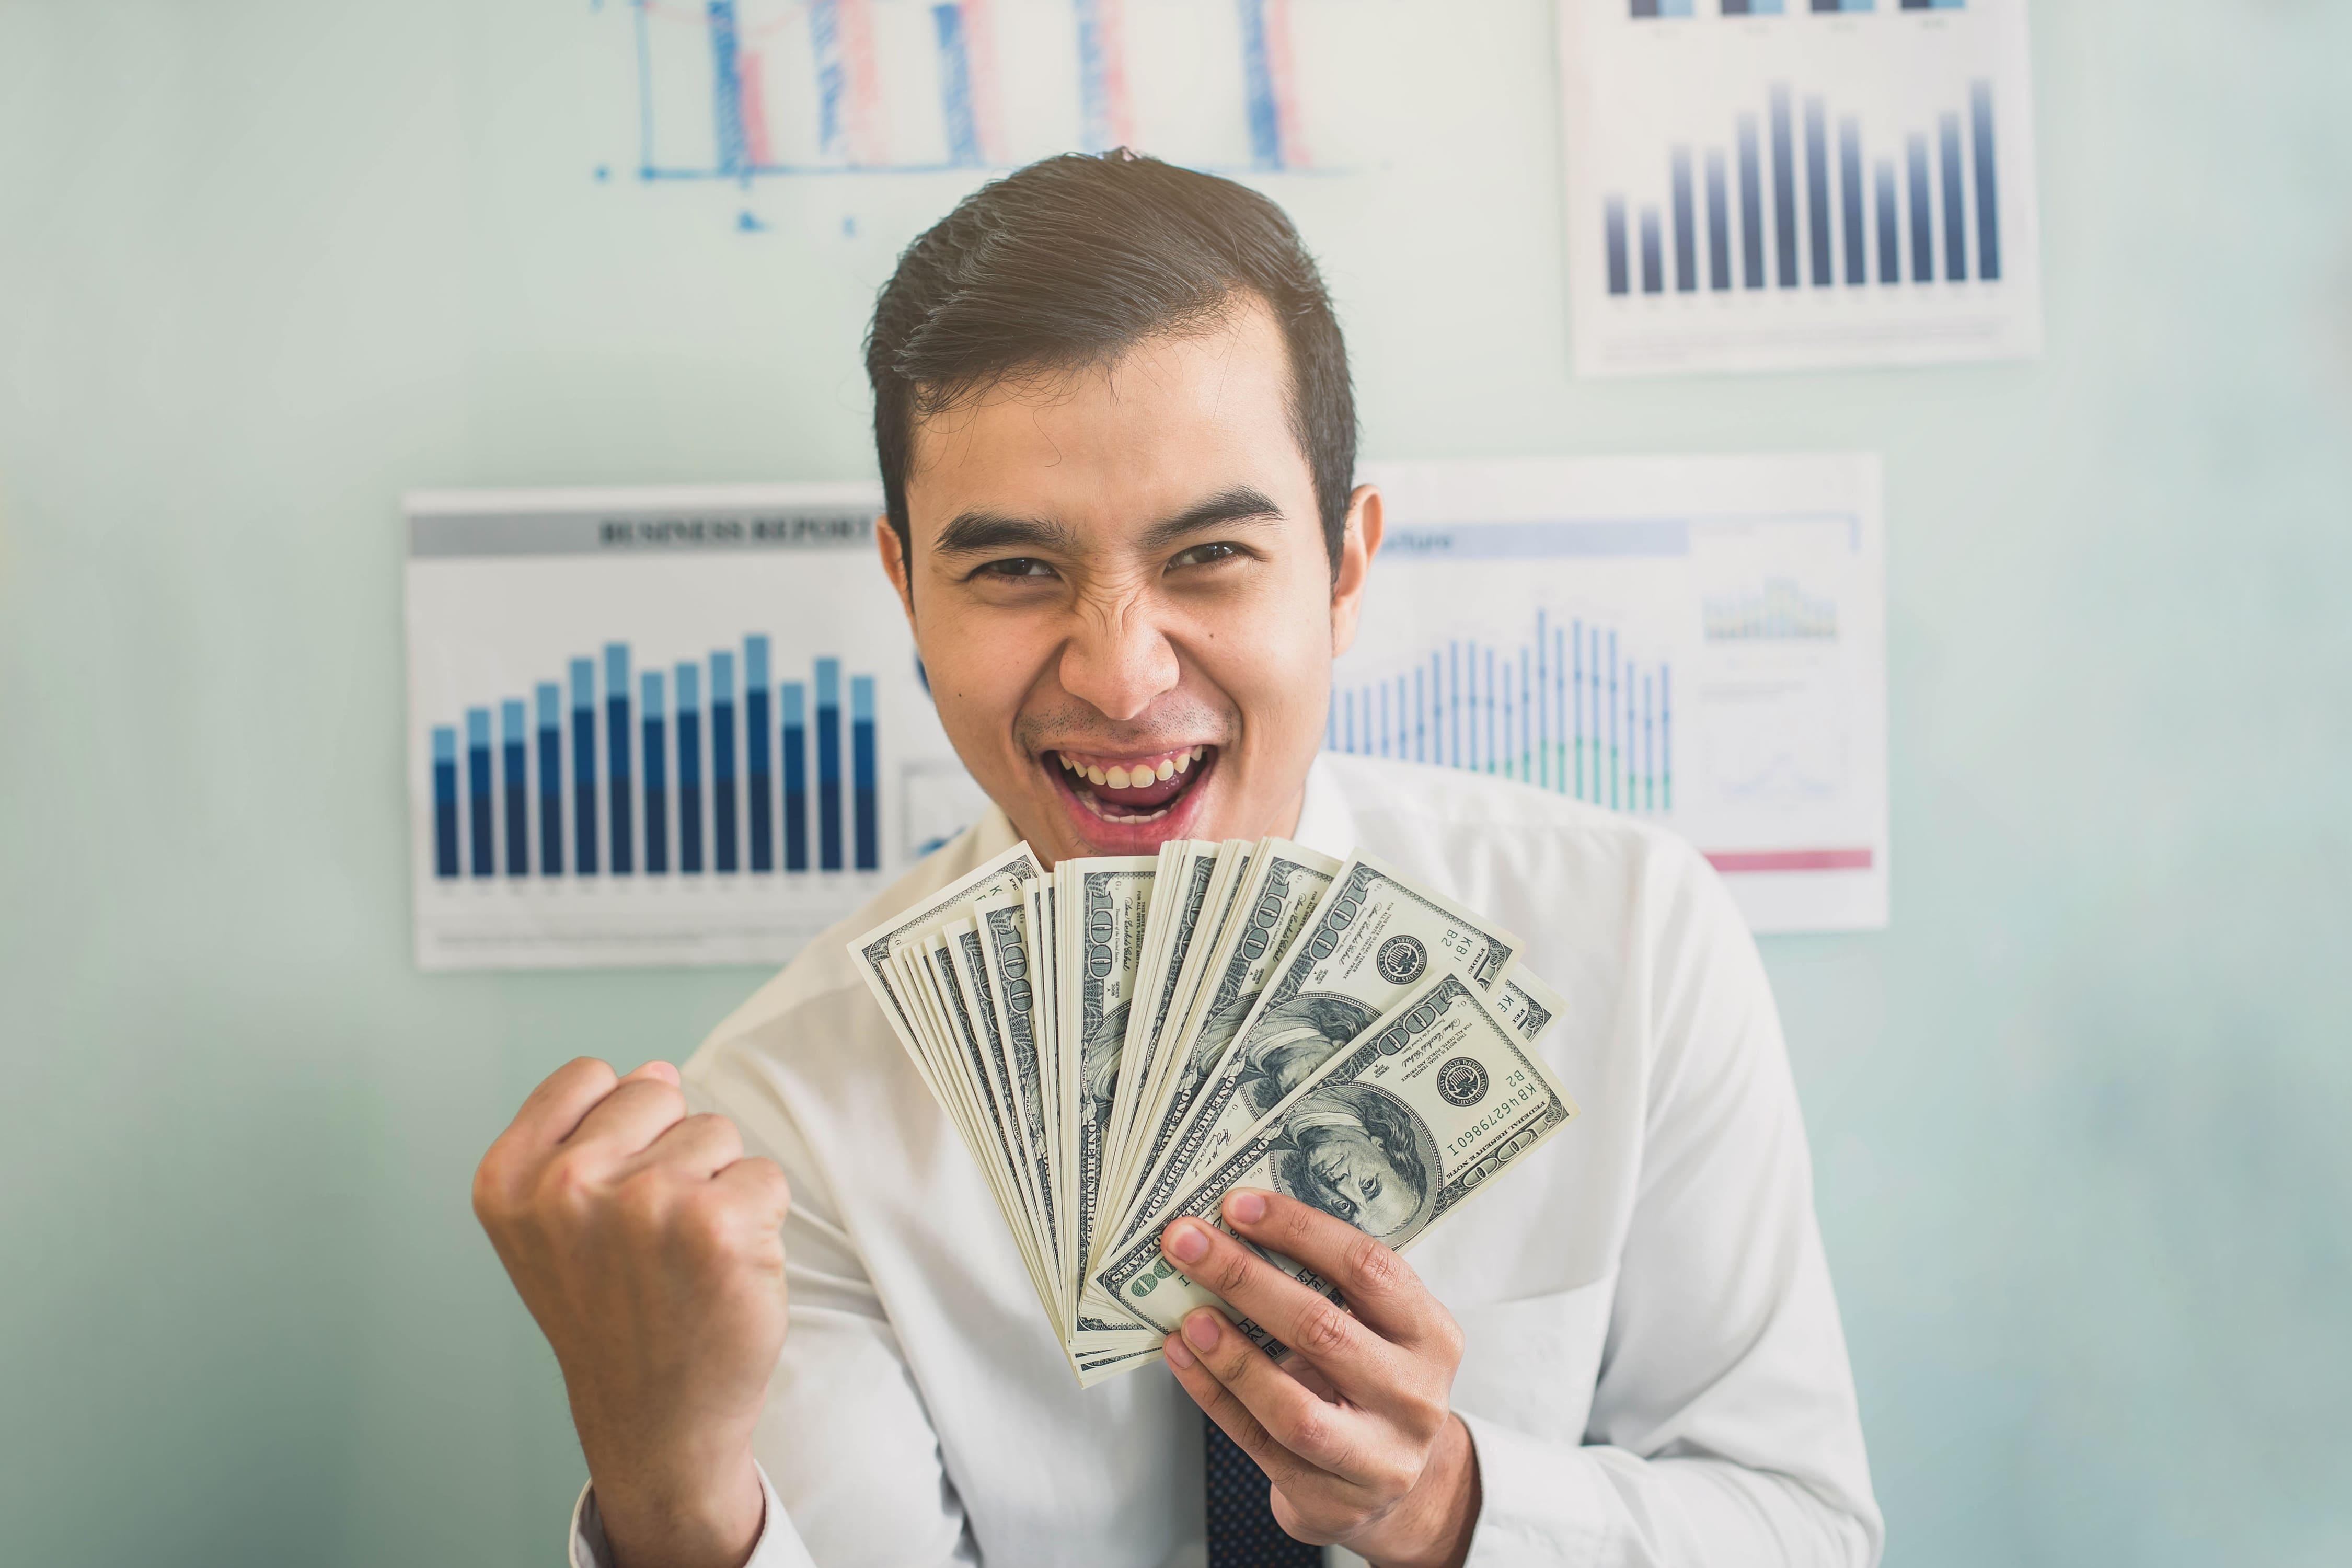 Imagem de um empreendedor com dinheiro para remeter a ele que deseja saber como estimar o faturamento mensal da sua empresa